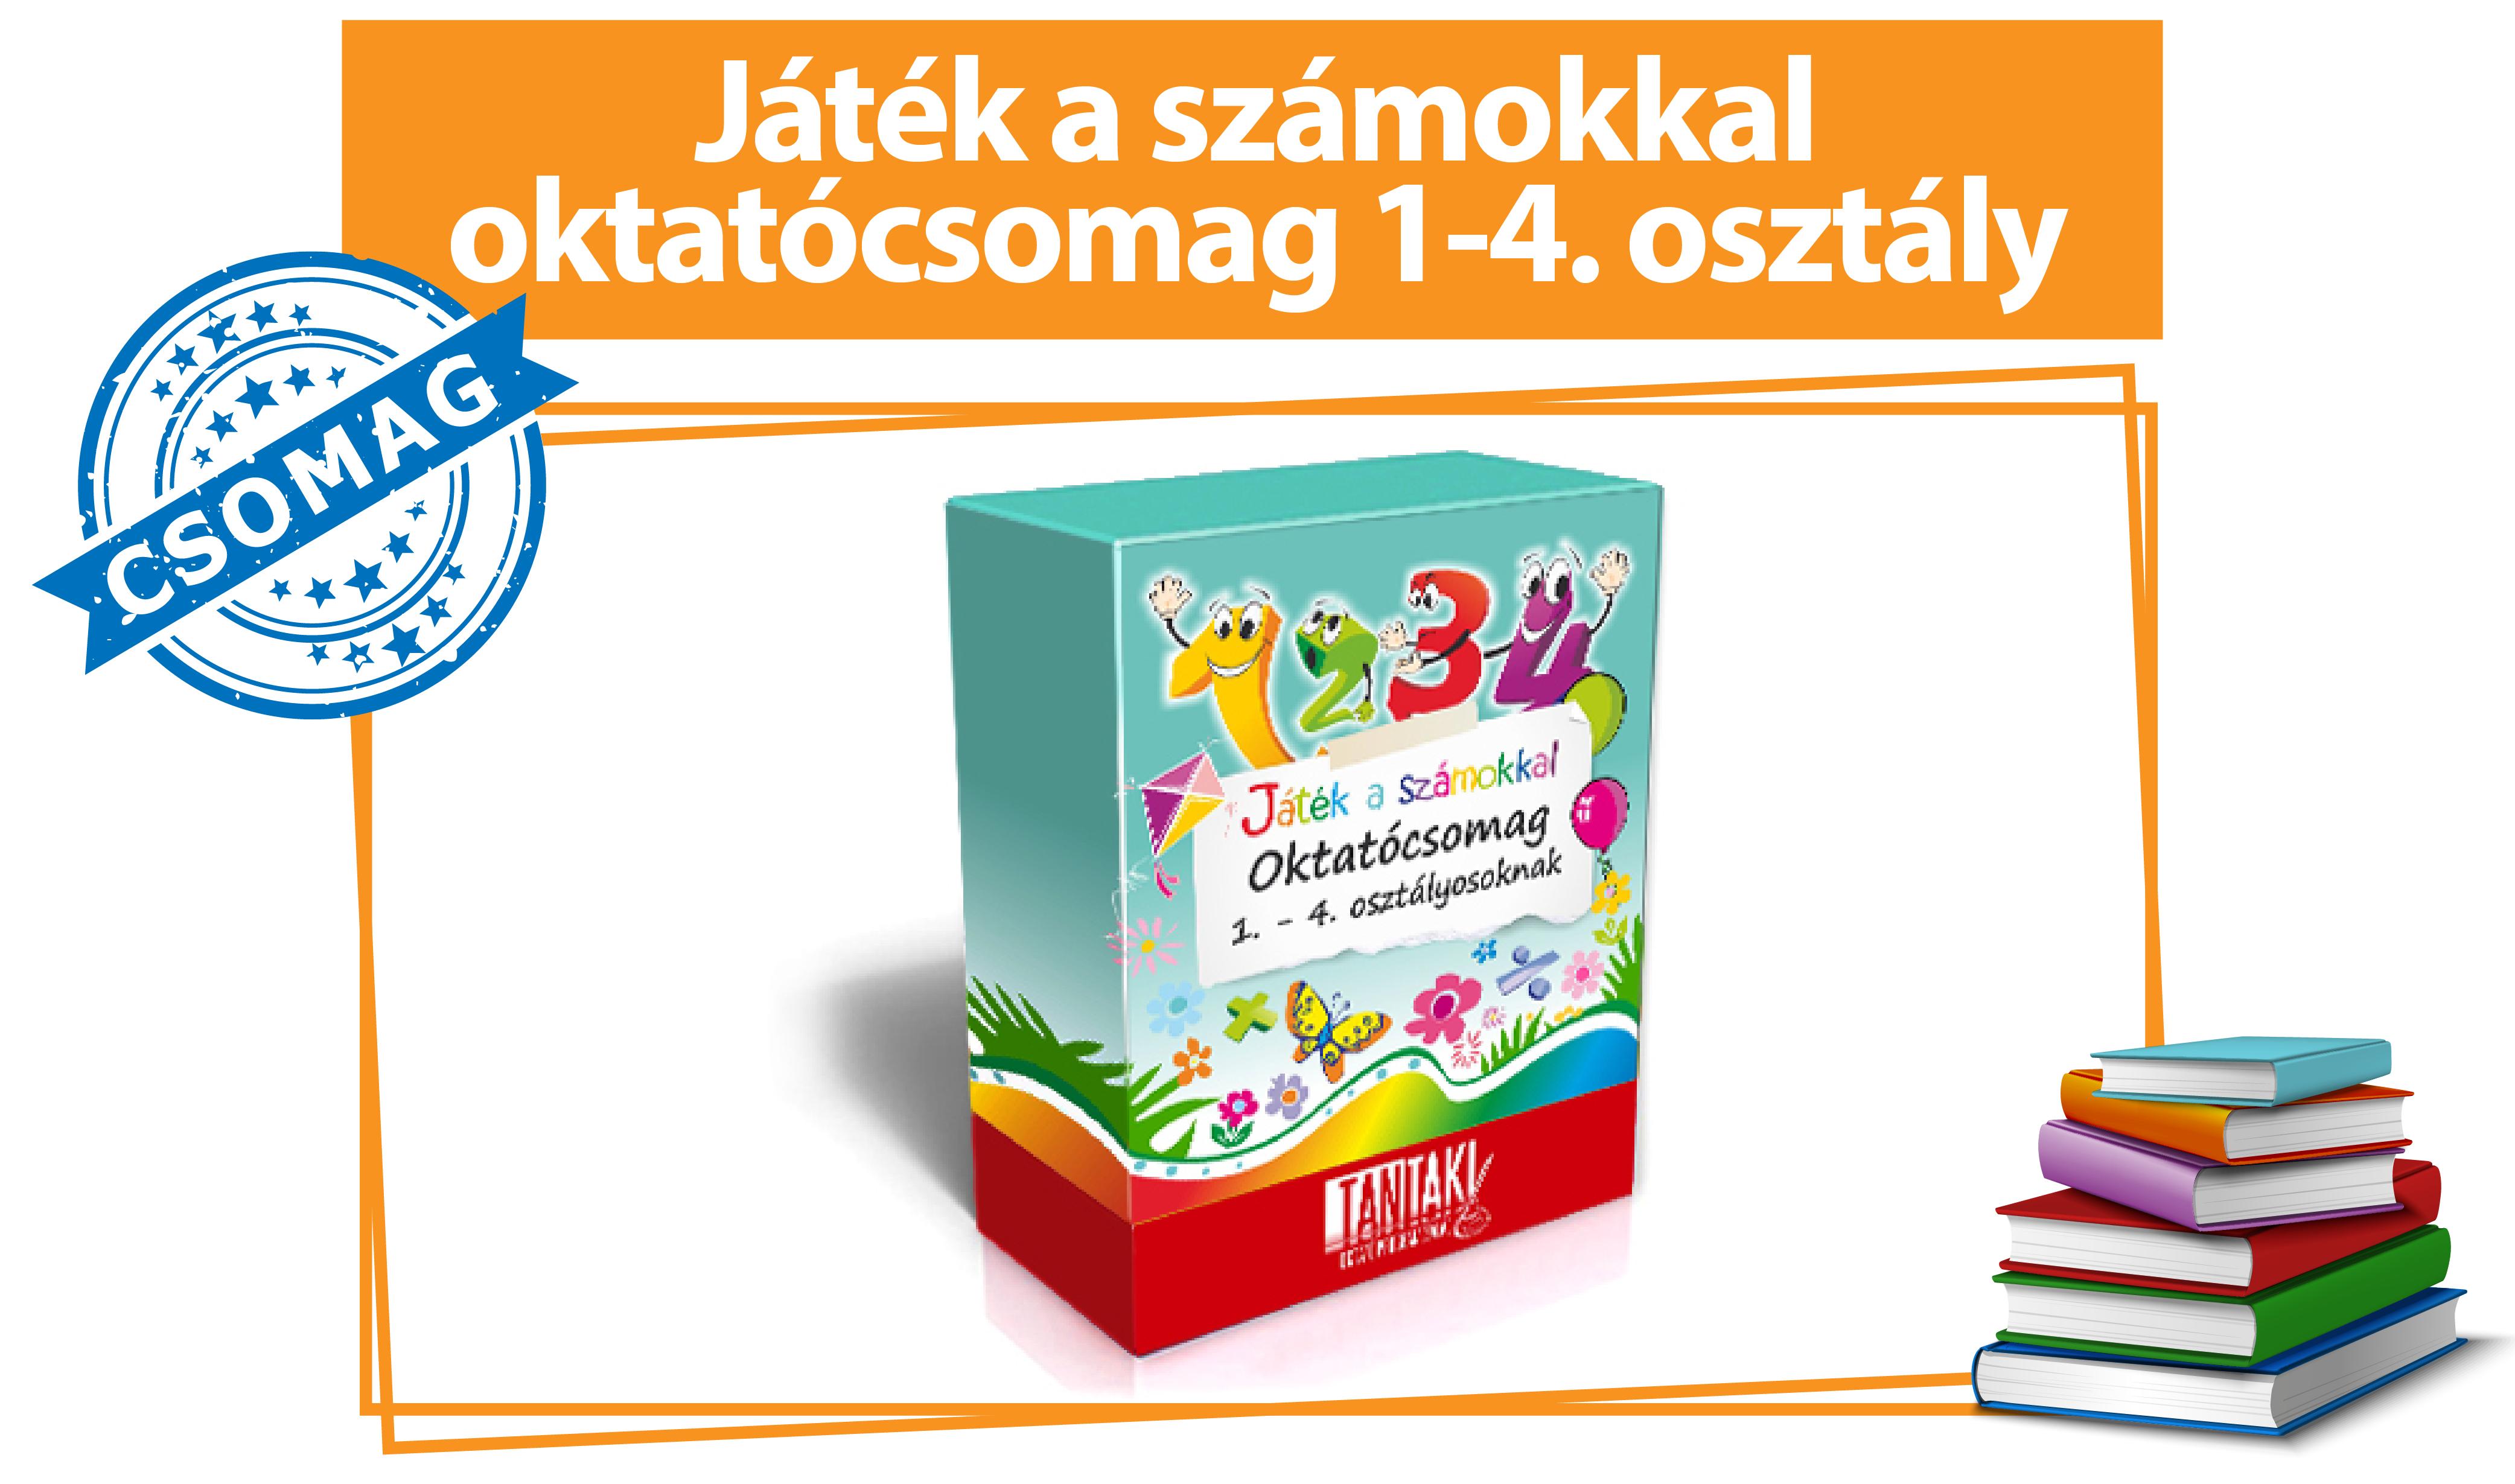 Játék a számokkal oktatócsomag (1-4. osztály)